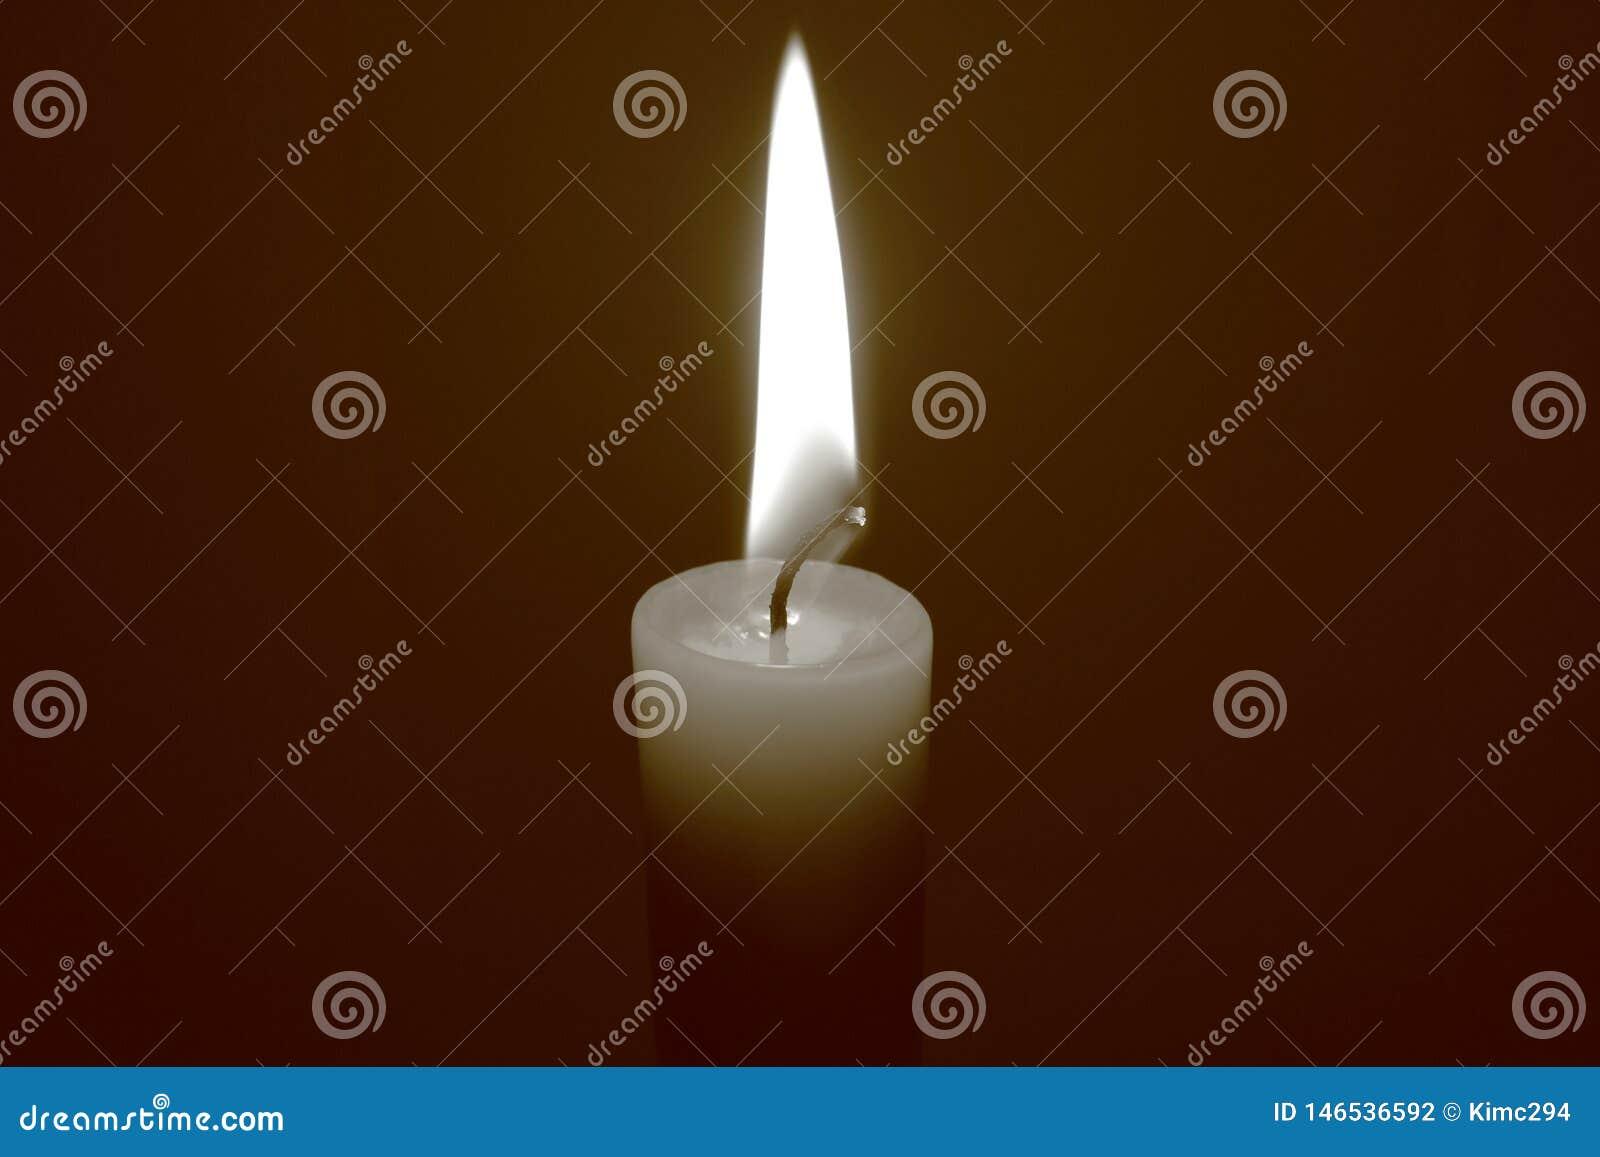 Pojedyncza płonąca świeczka na ciemnym tle Sepiowy brzmienie